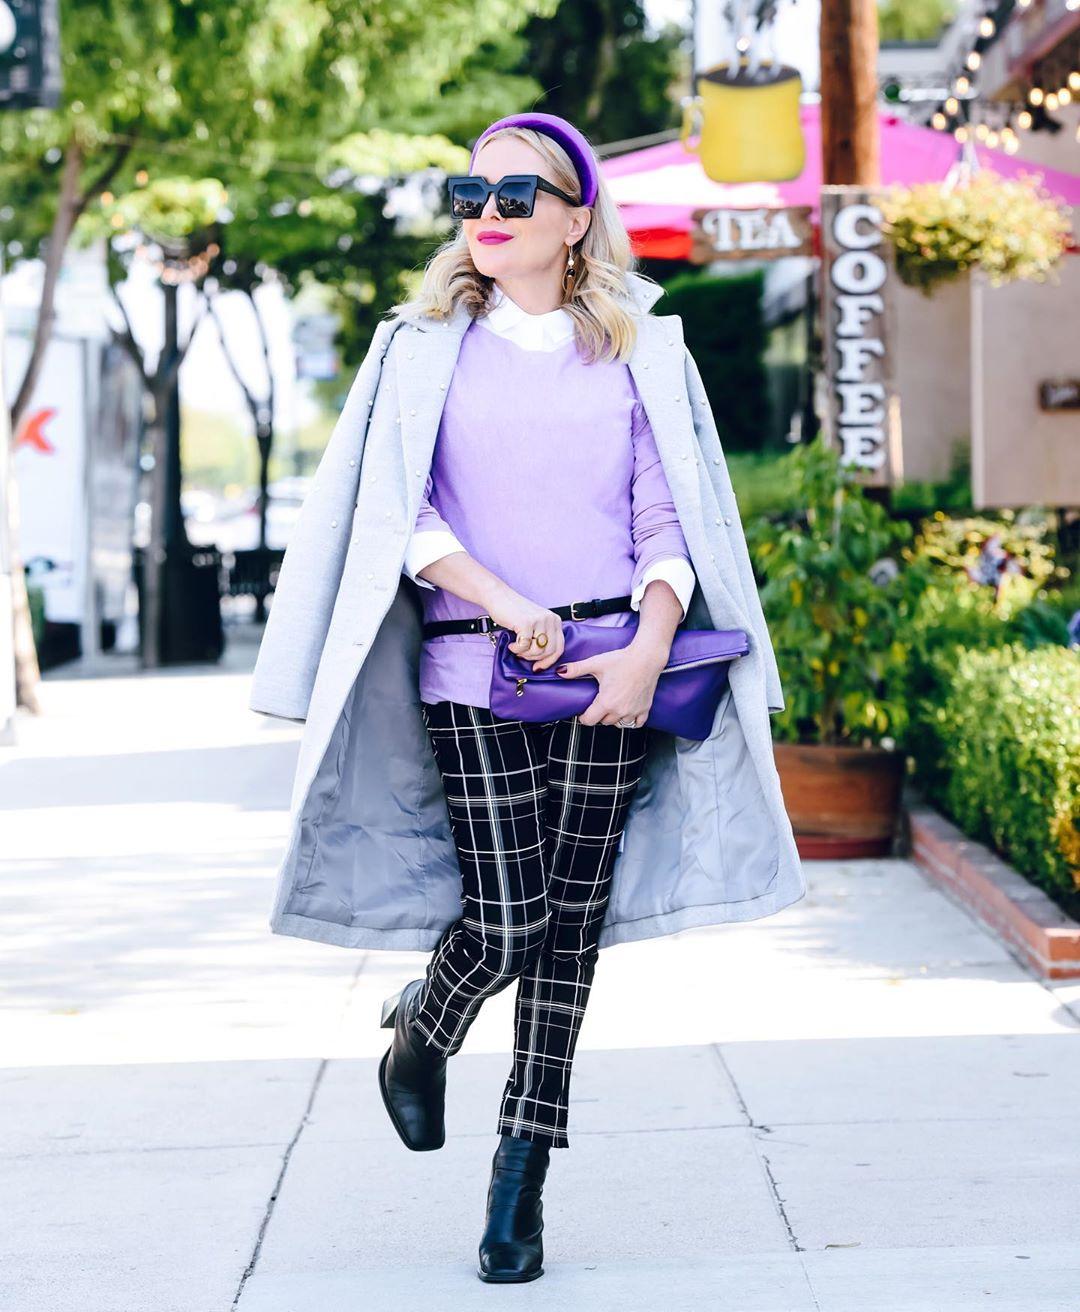 модные луки зимы 2020 для женщин 40-50 лет фото 3